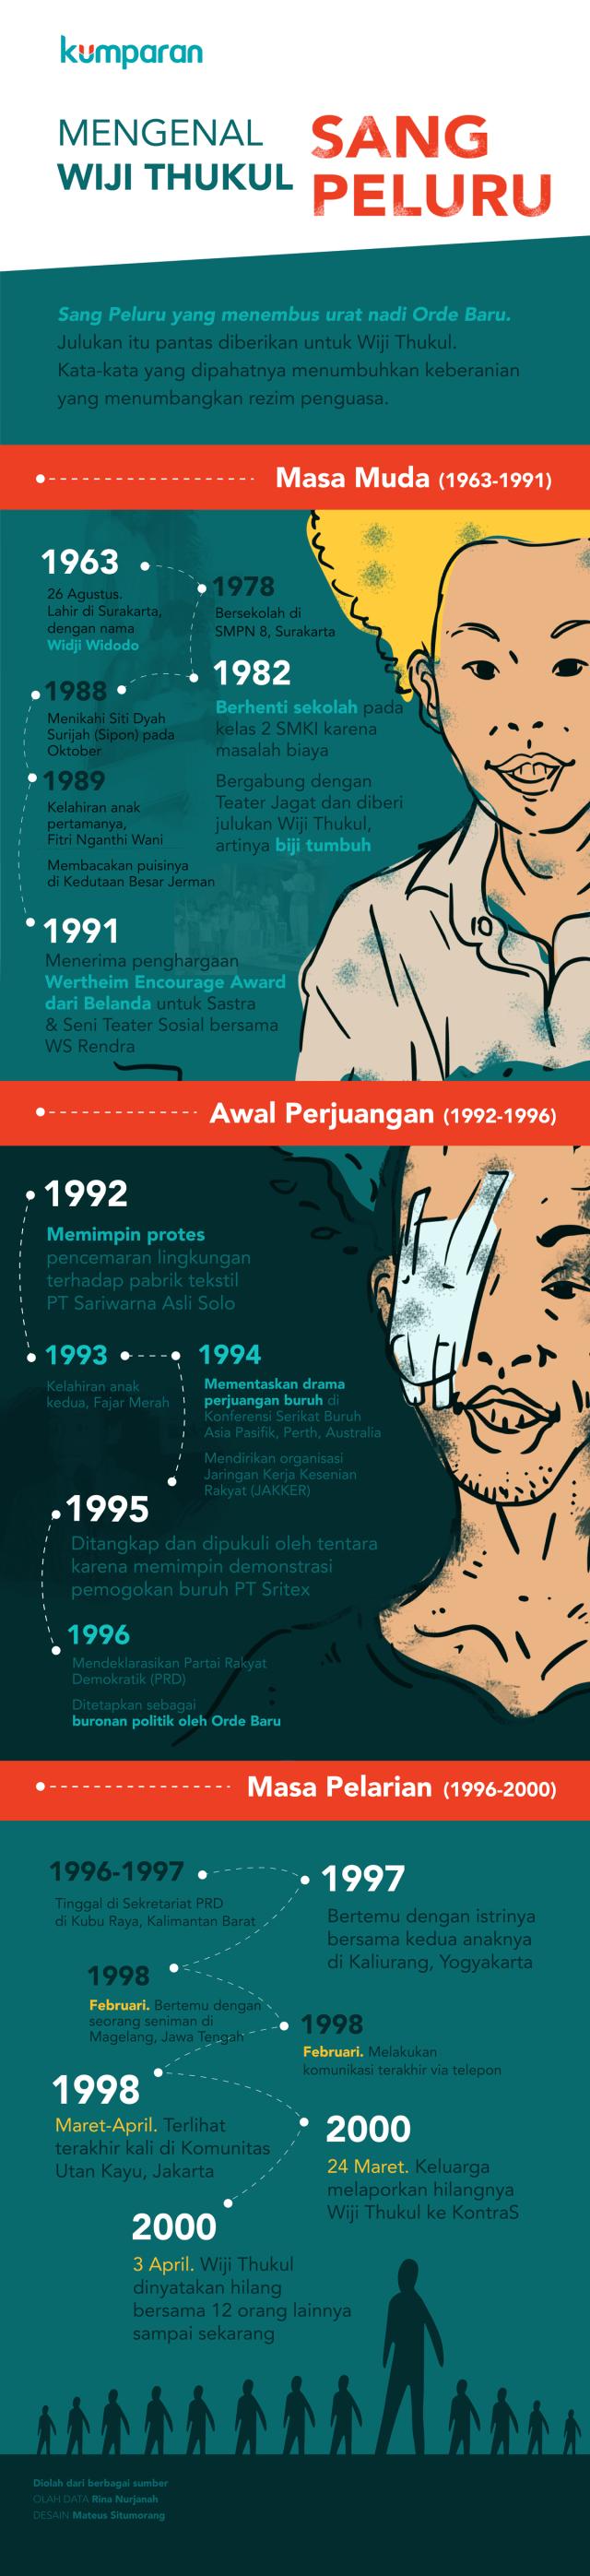 Infografis Wiji Thukul Sang Peluru